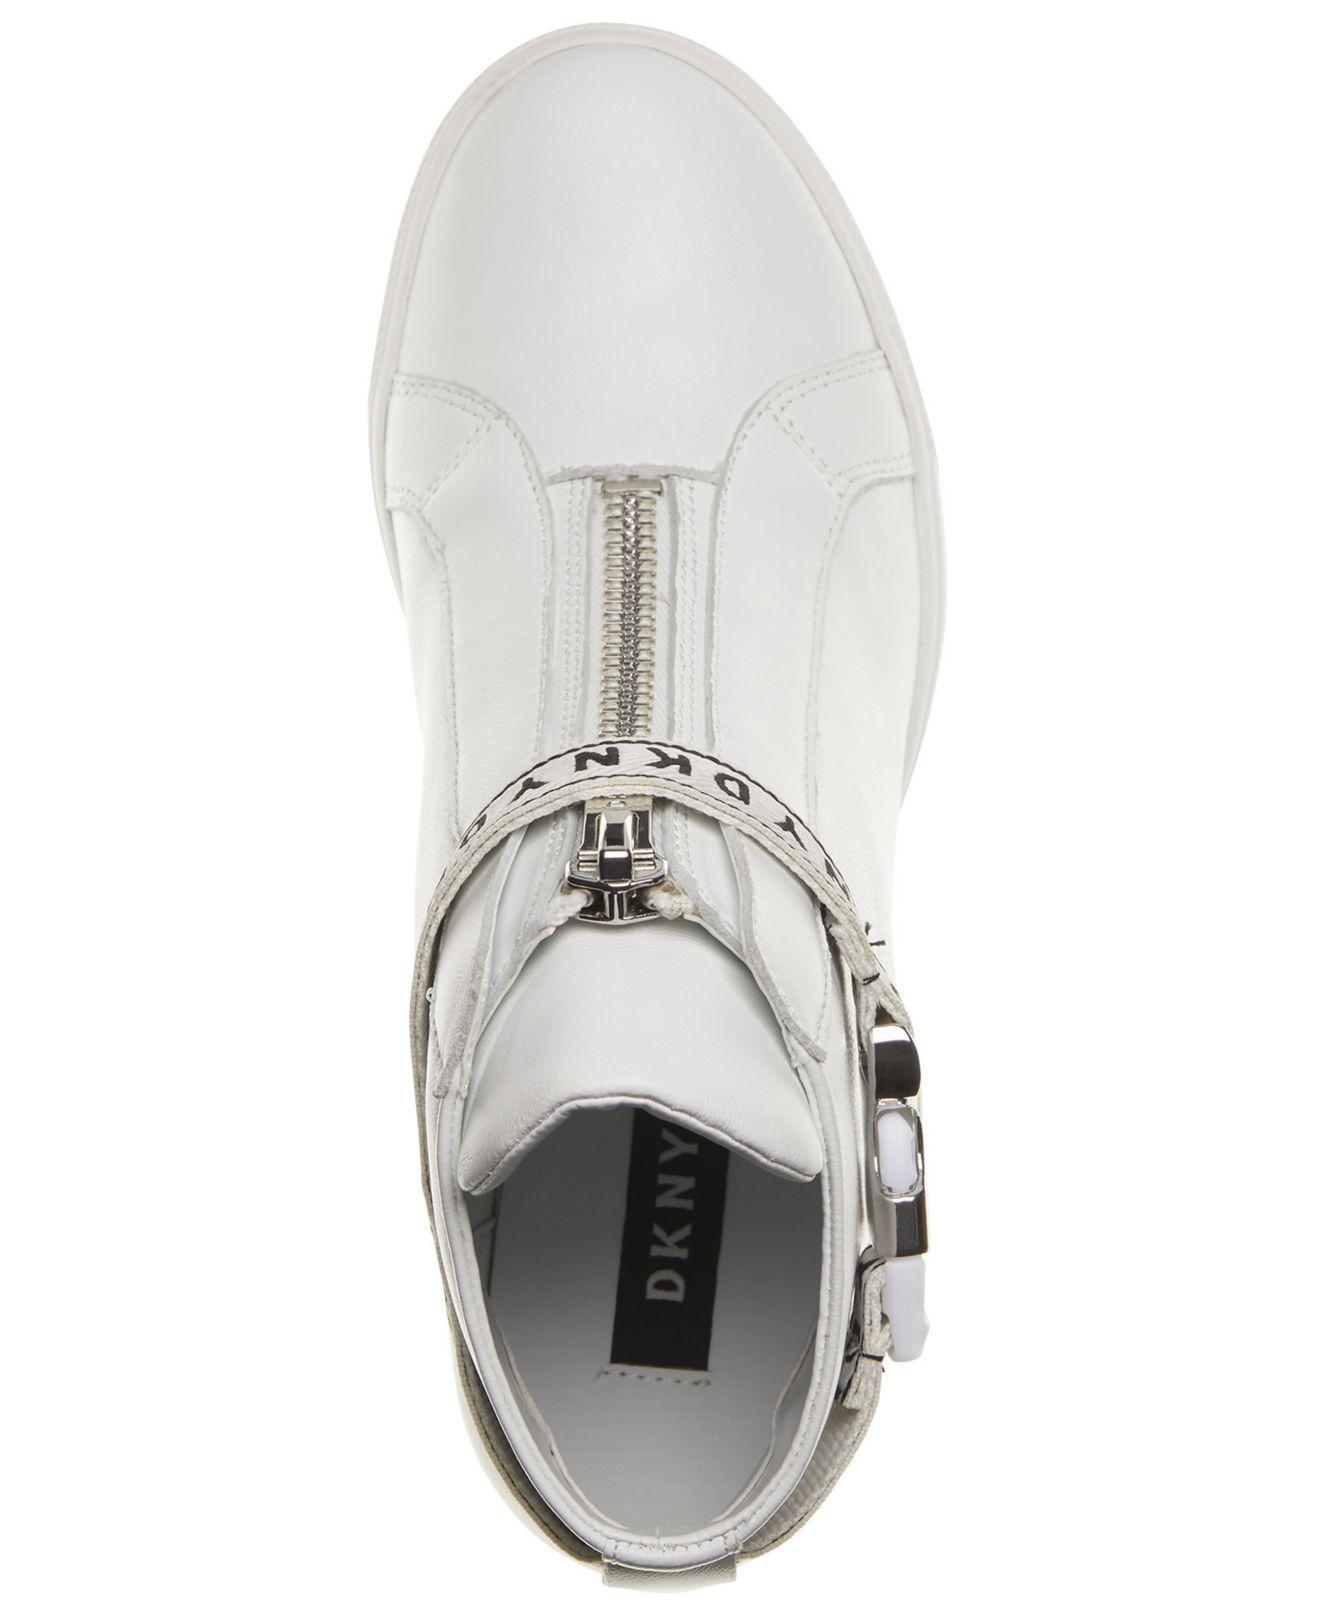 DKNY Leather Caddie Wedge Sneakers